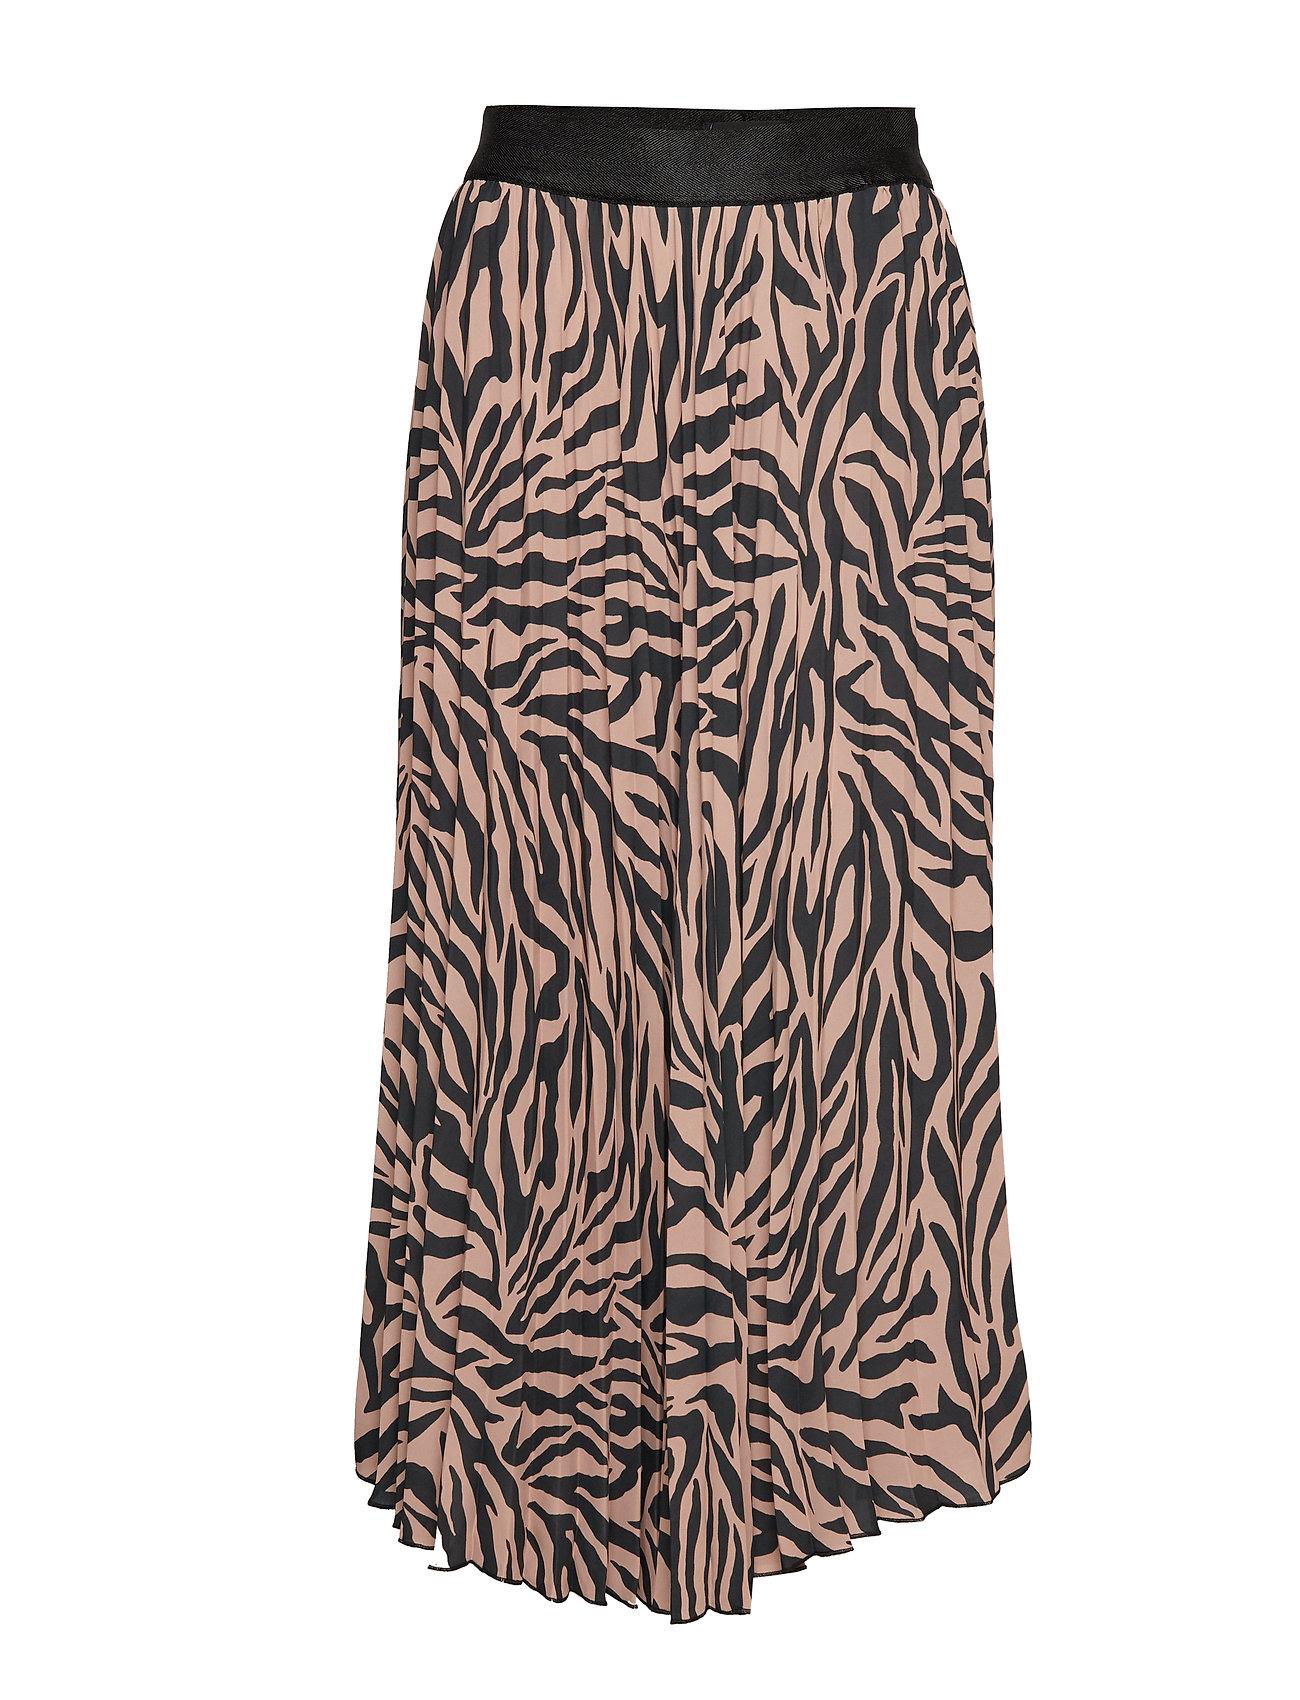 645 DoeskinFiveunits Sienna Zebra Doeskinzebra roedBCxW